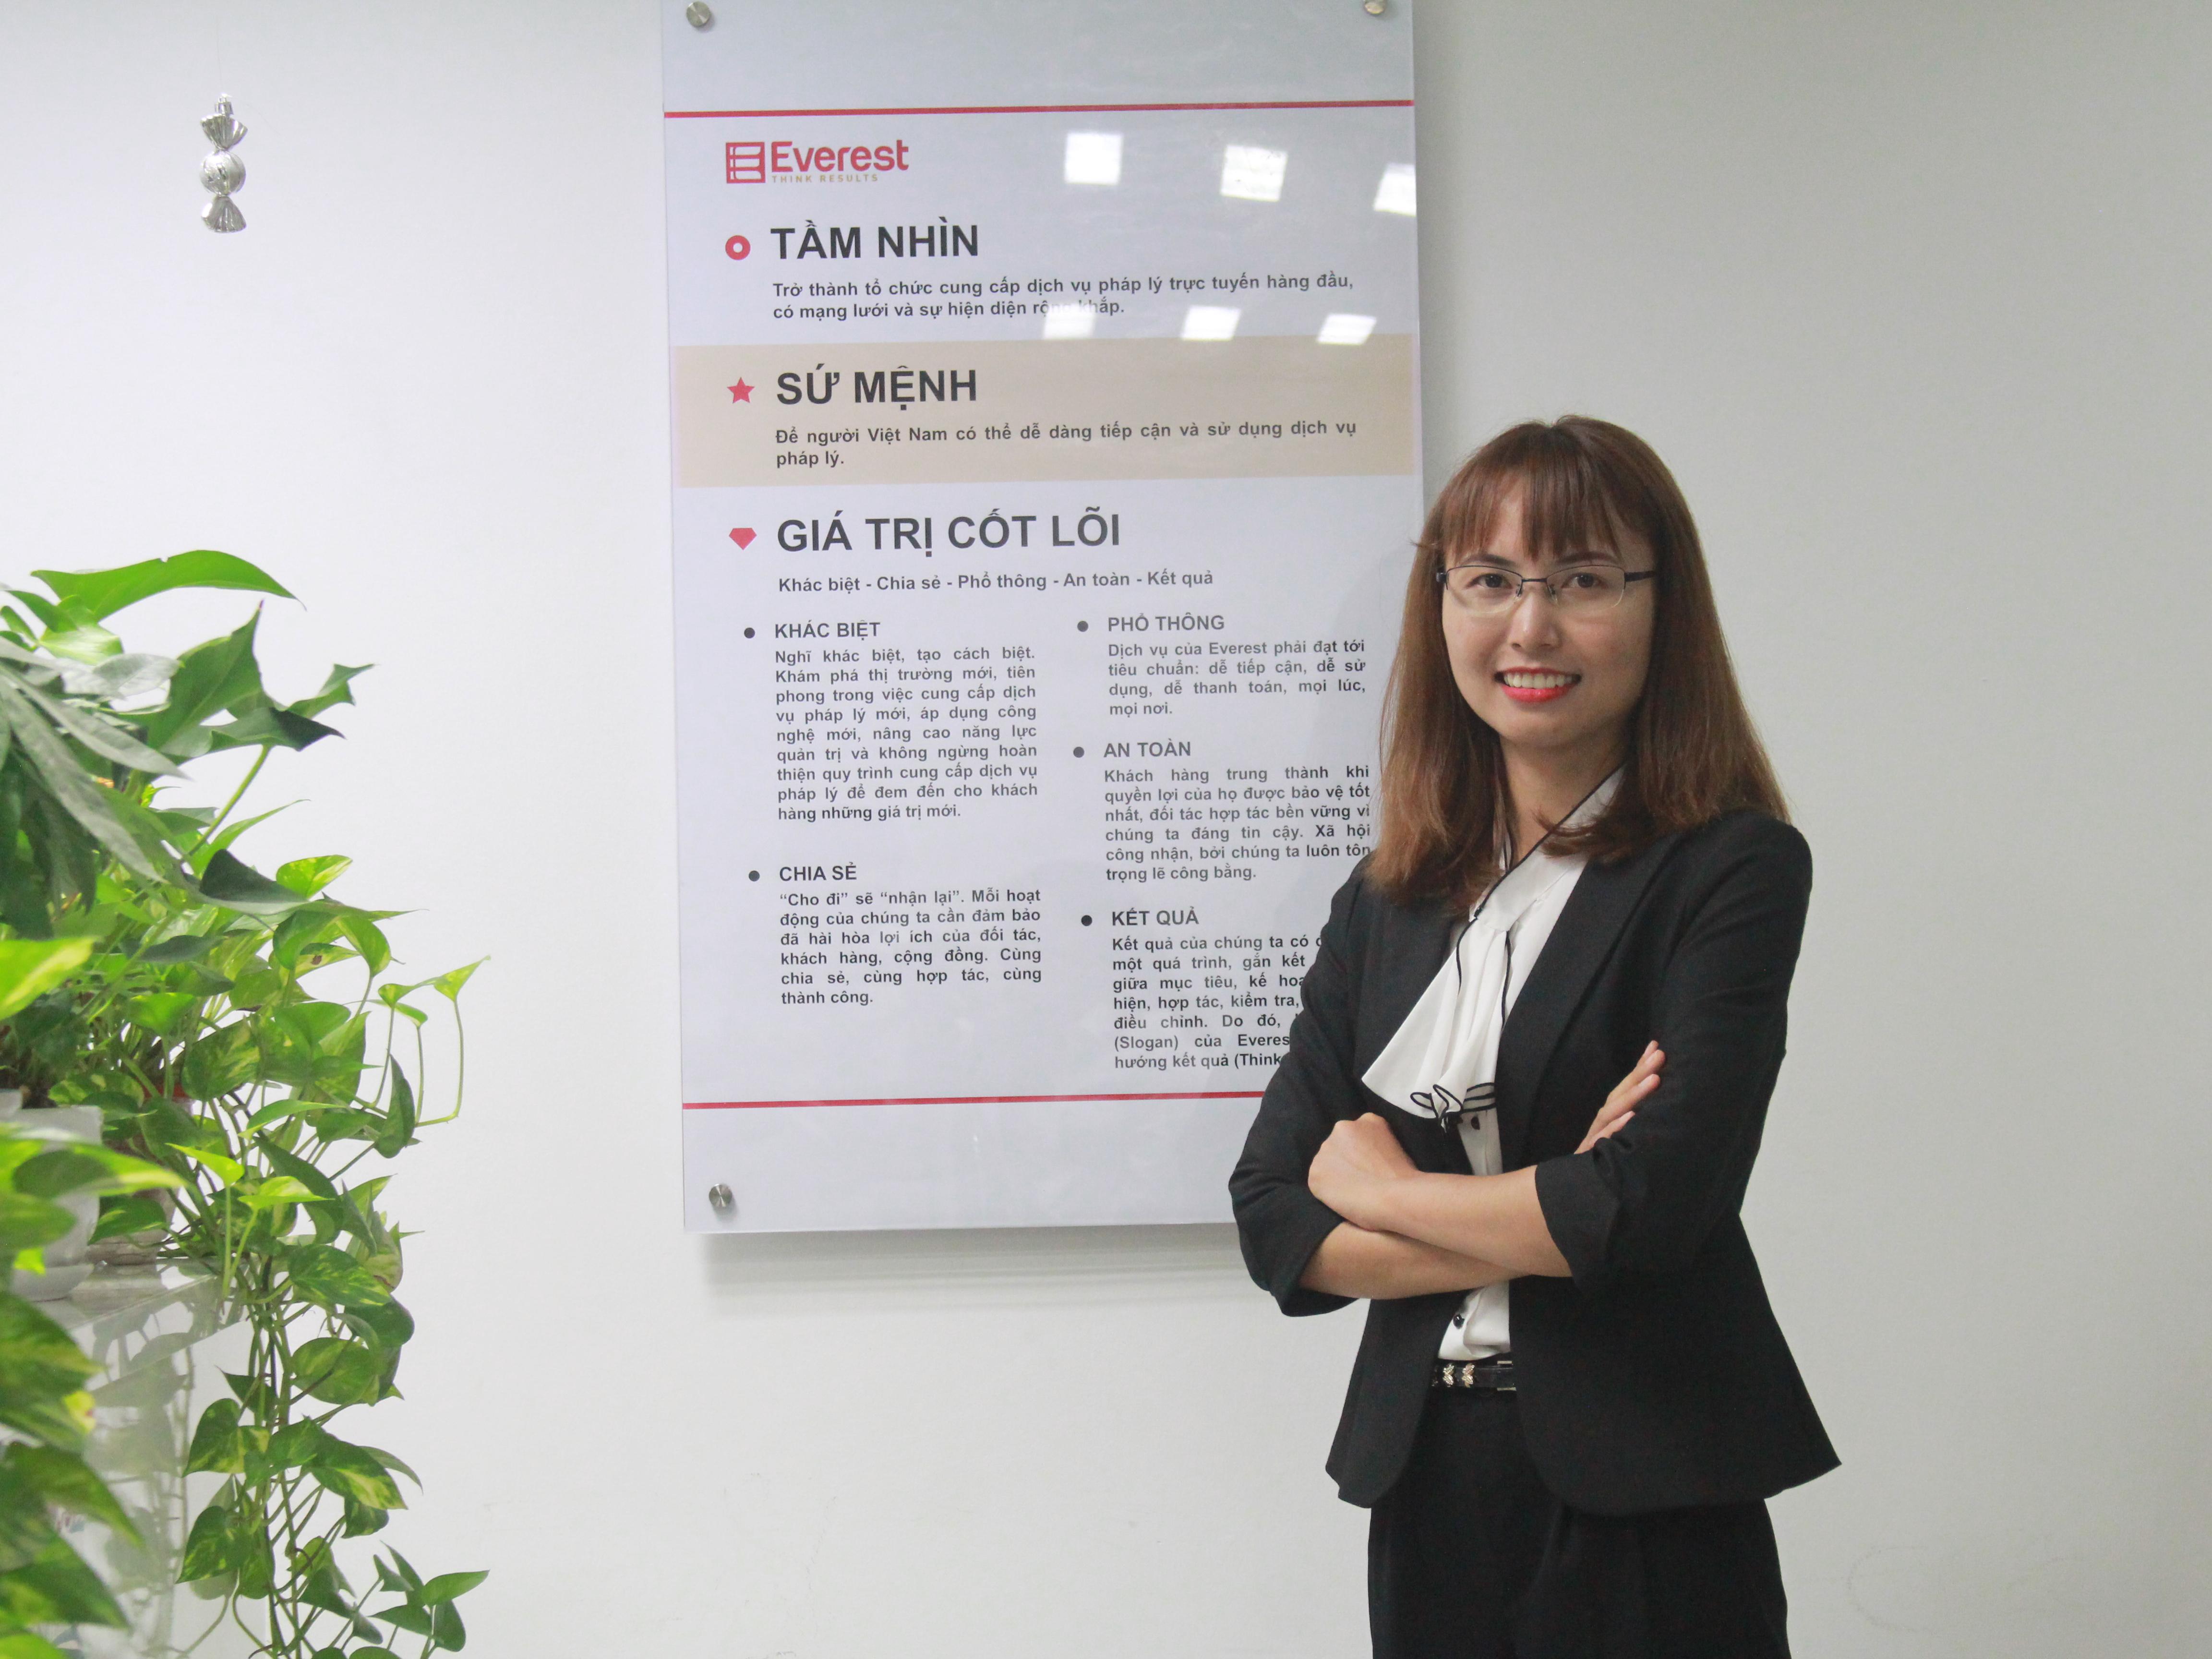 Luật sư Nguyễn Thị Yến - Công ty Luật TNHH Everest